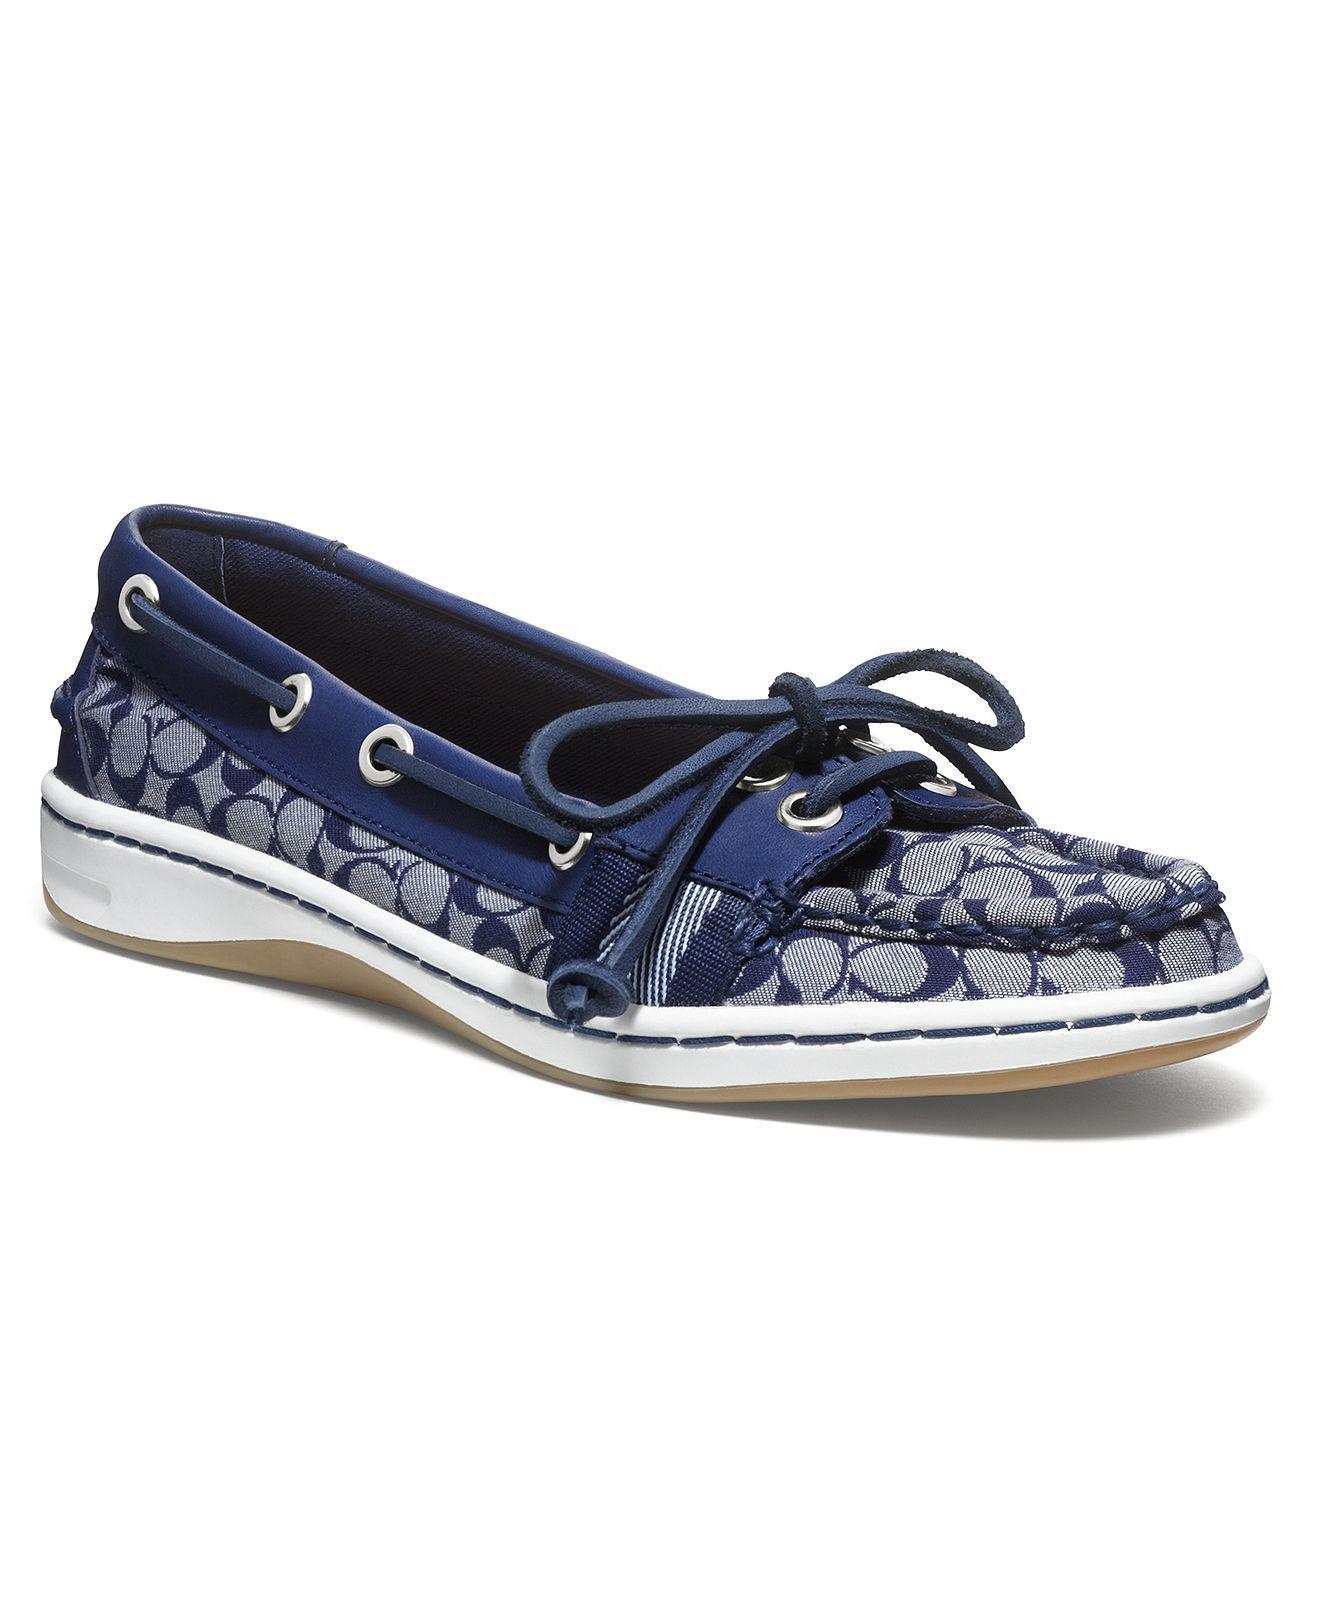 c996e795 norway coach shoes for women at macys d418d 60223